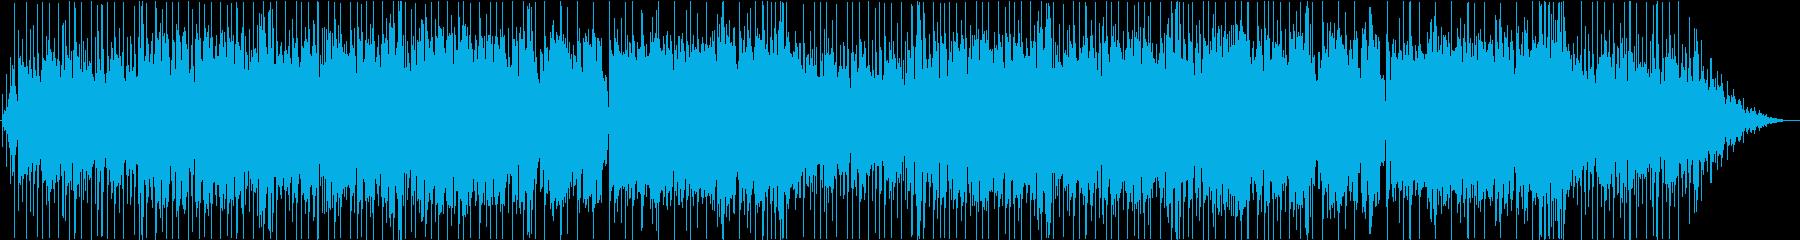 渋めのブルース、ギターとエレピの再生済みの波形